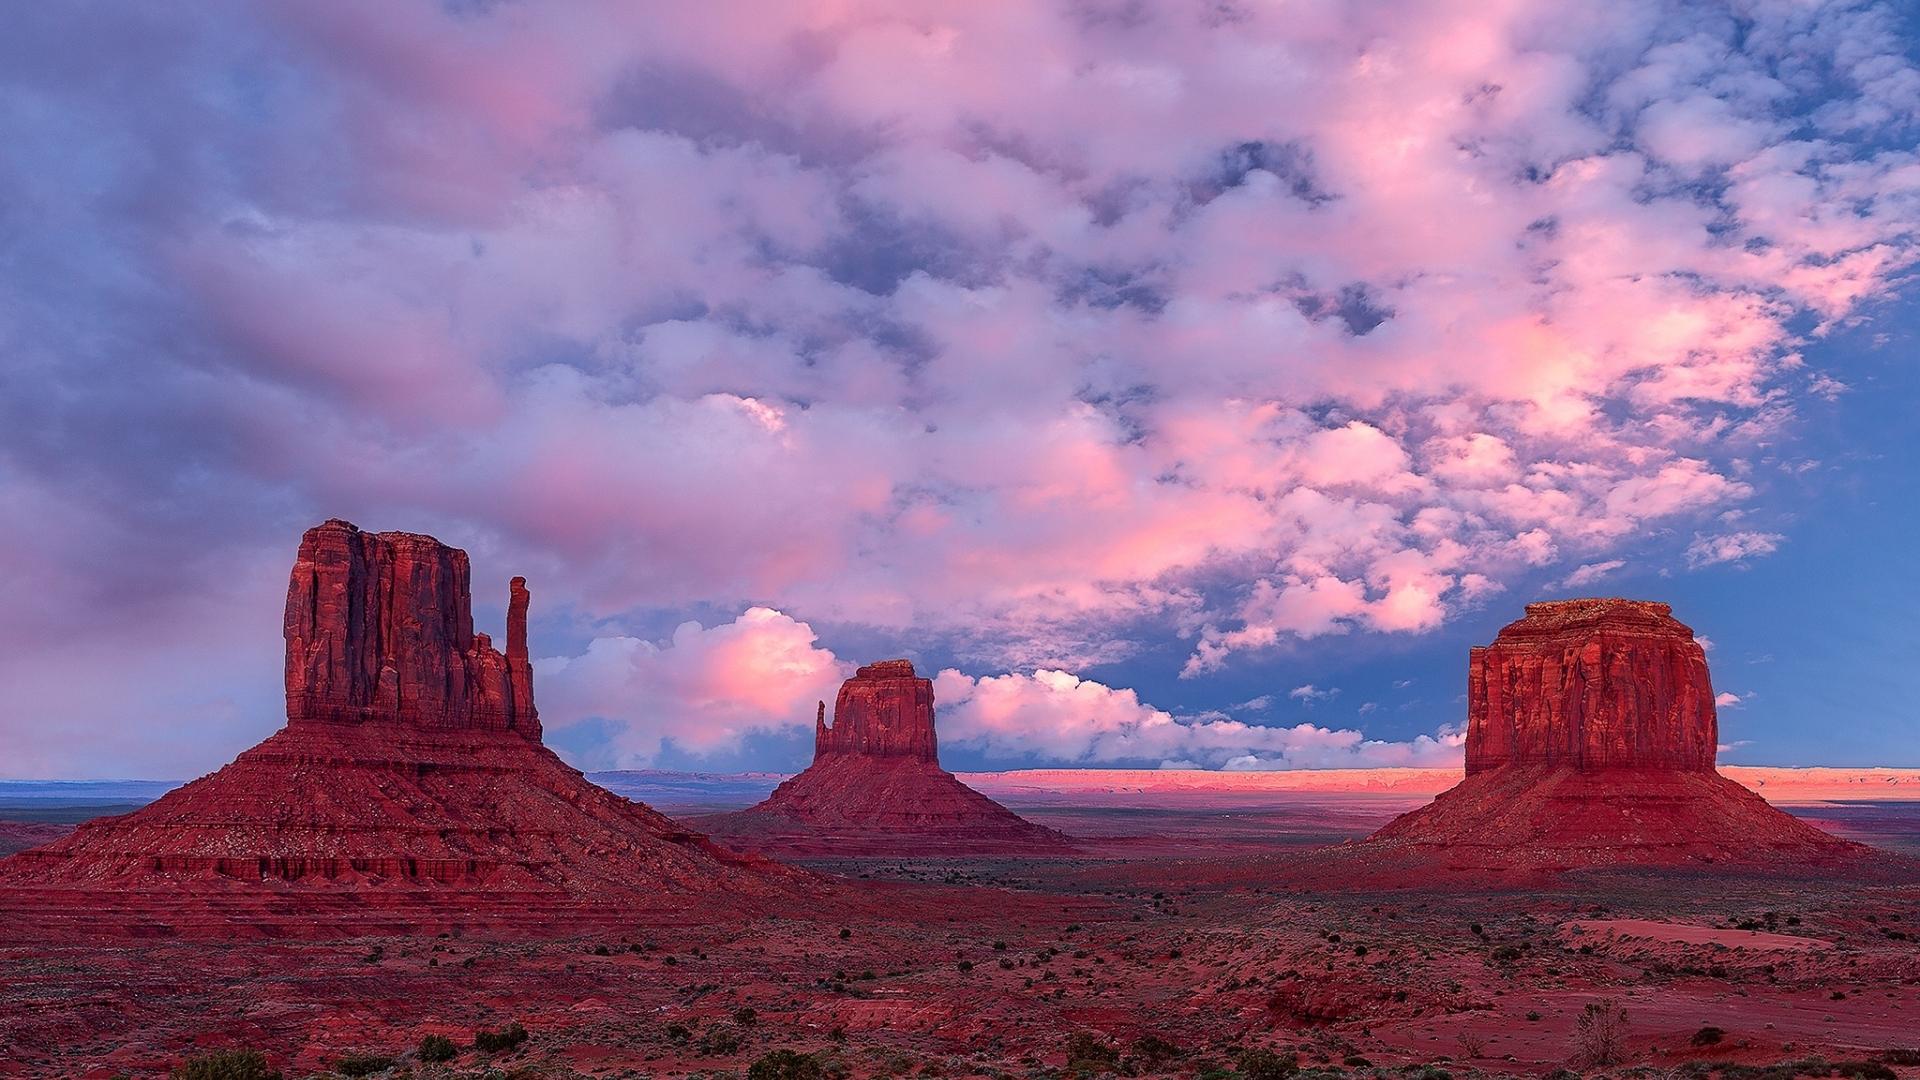 Monument Valley Utah Usa, Full HD 2K Wallpaper